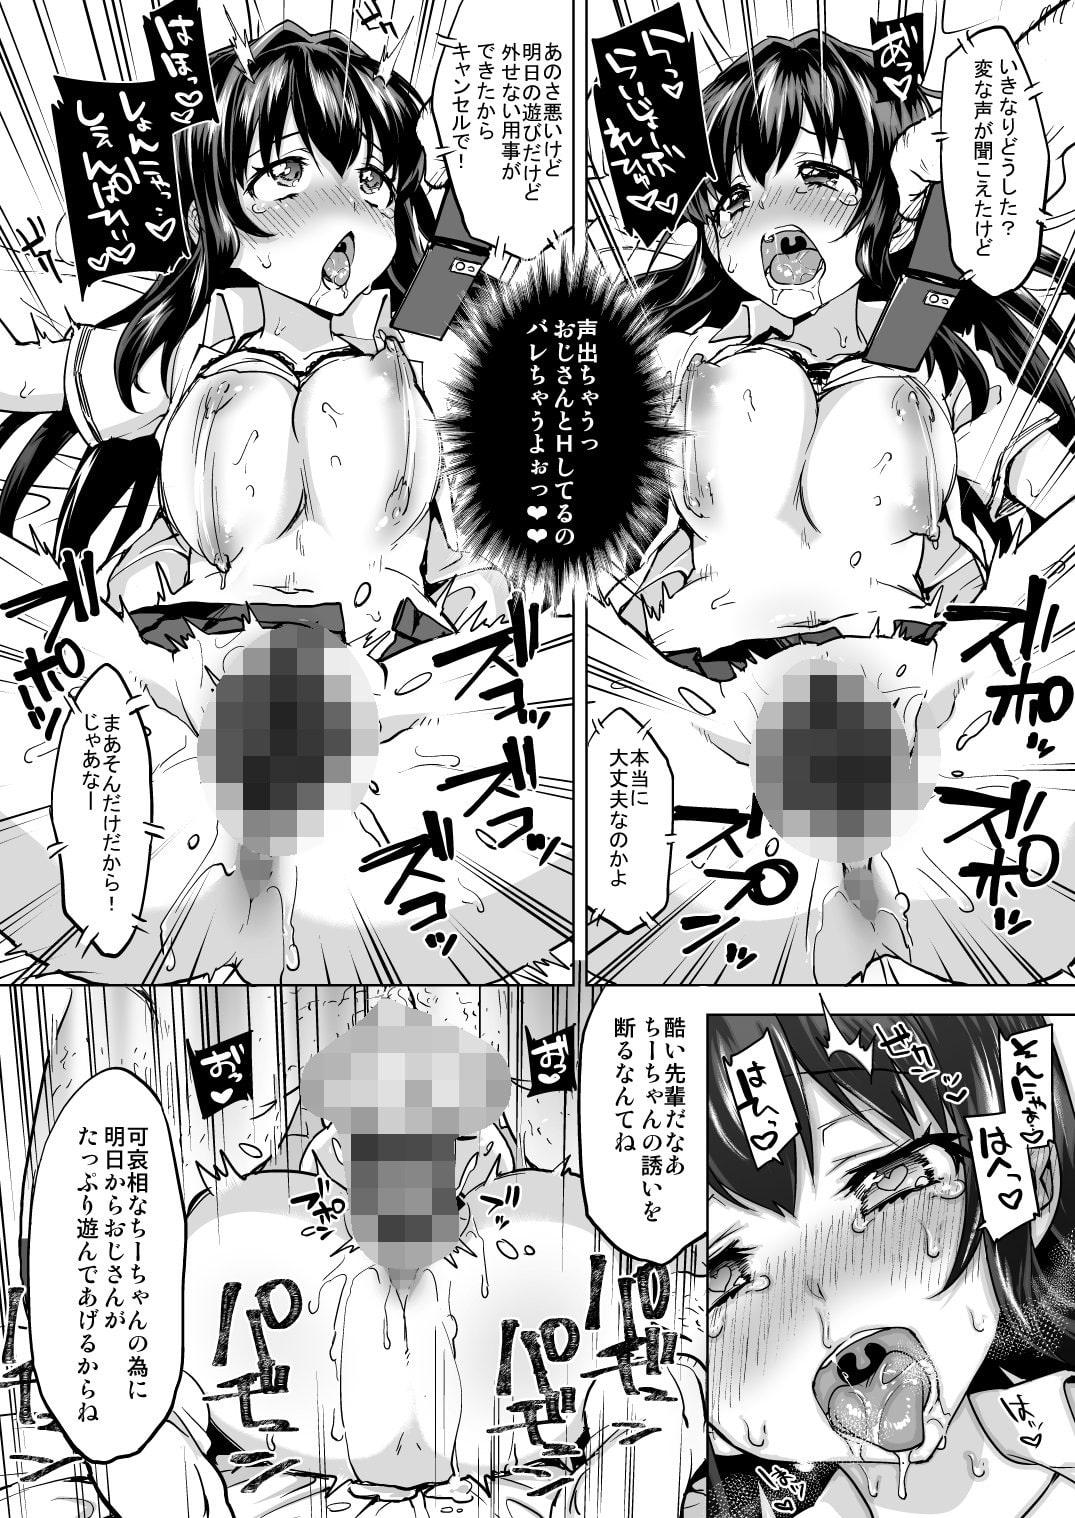 ちーちゃん開発日記総集編+